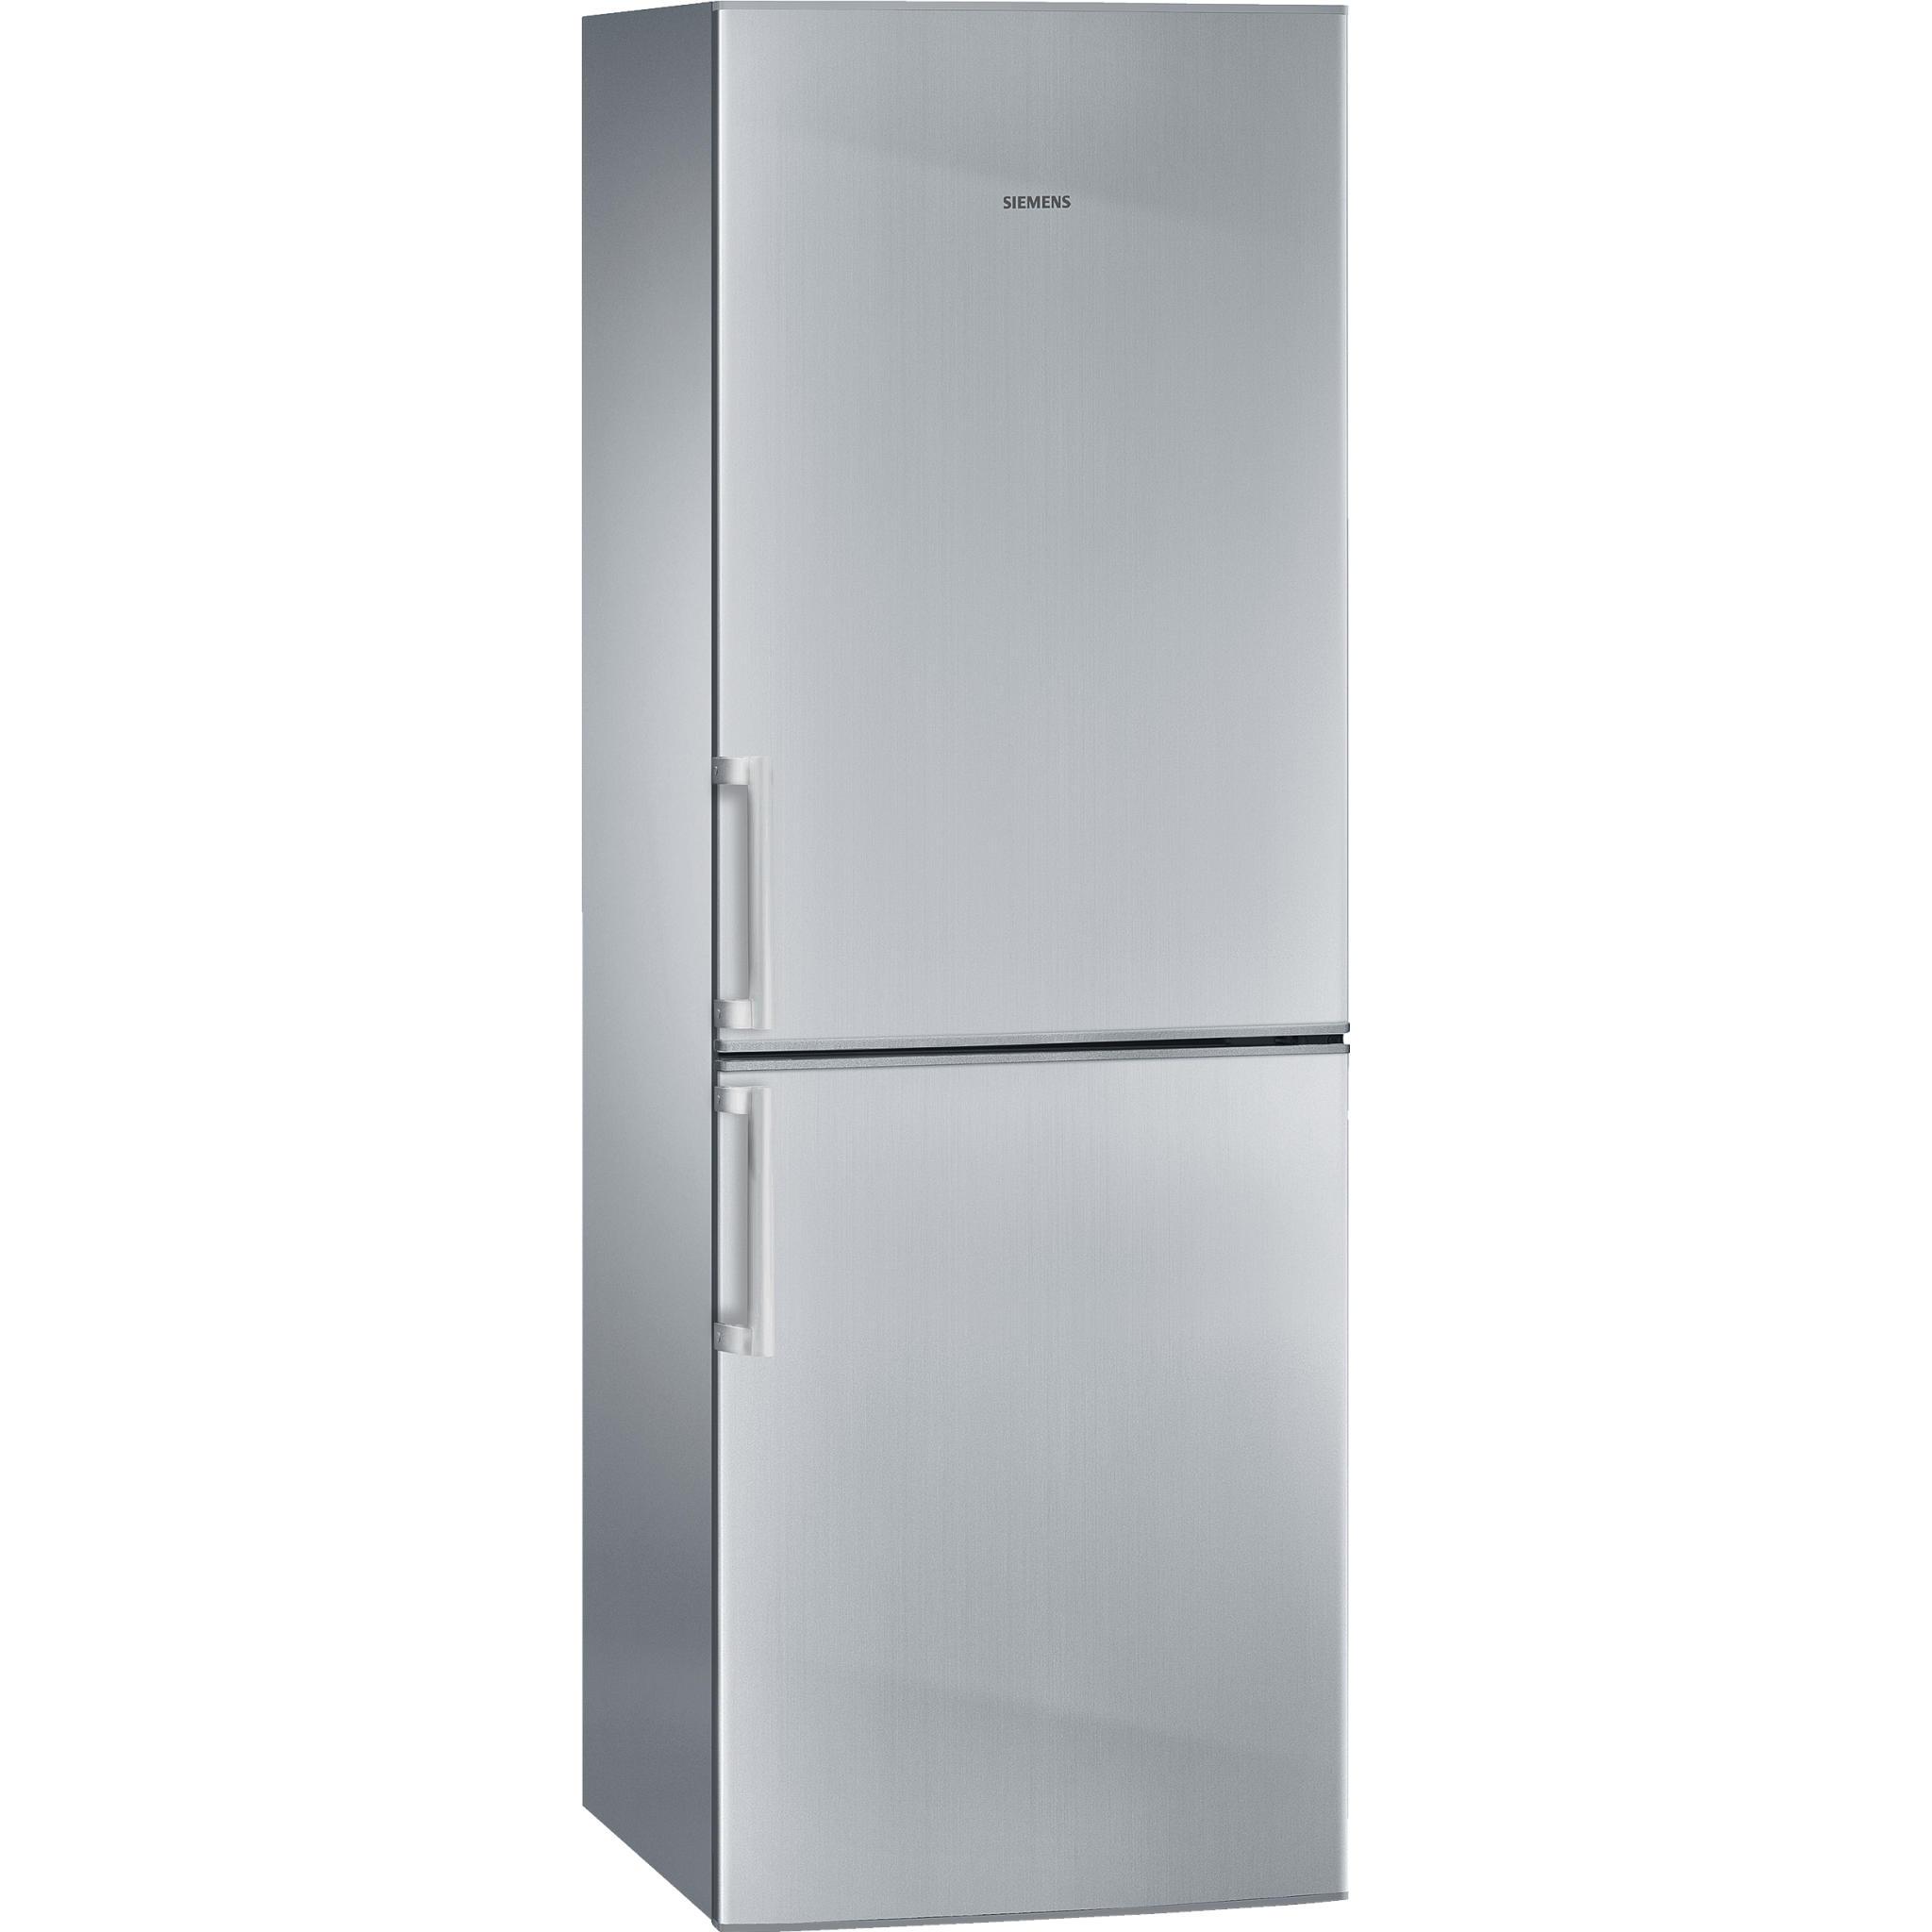 siemens-iq300-kg30nvi20g-nofrost-fridge-freezer